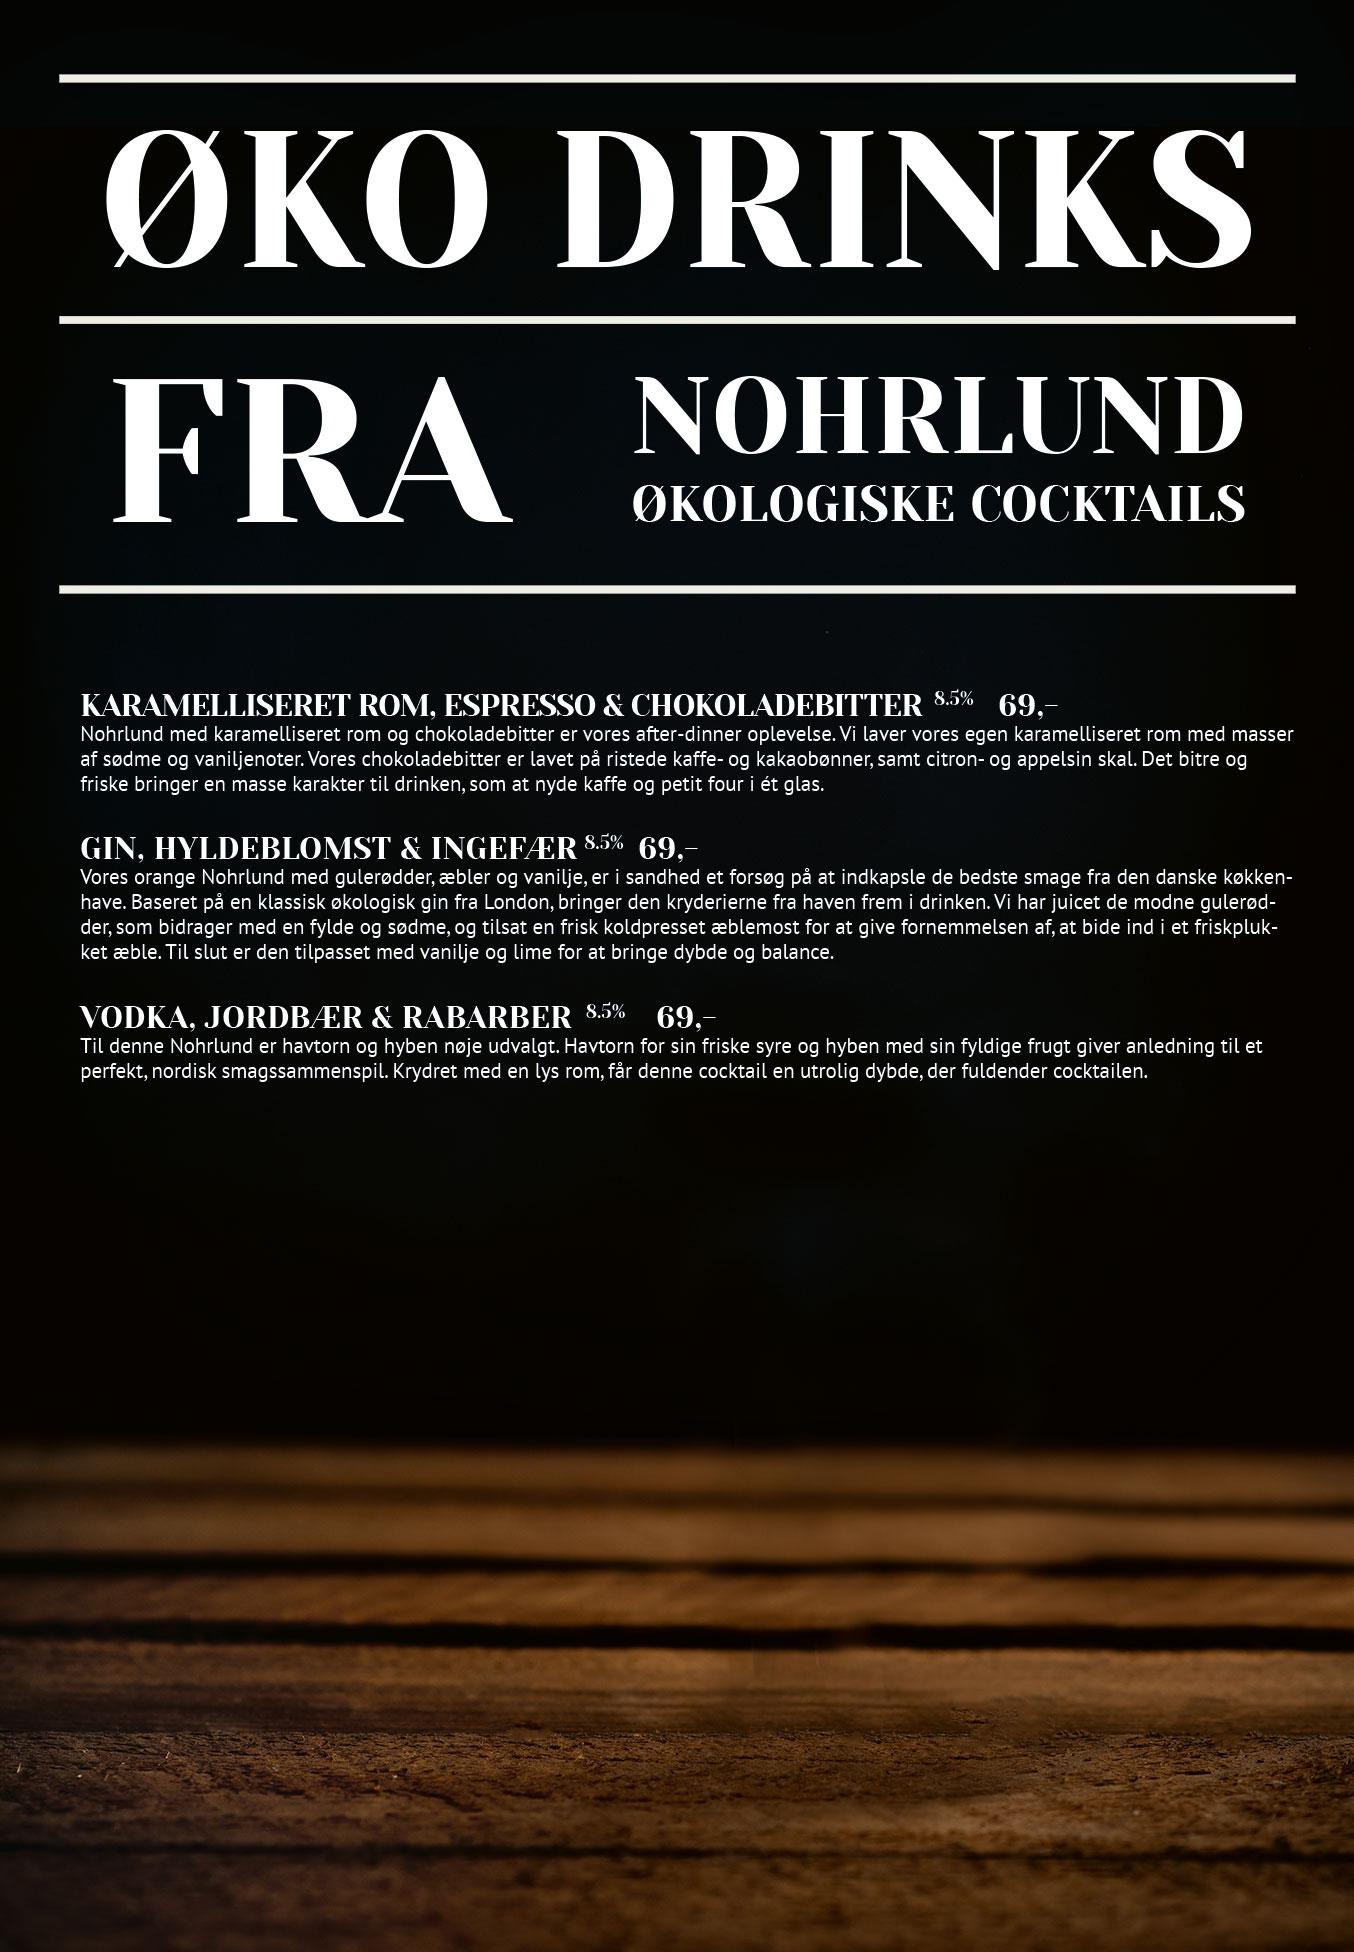 Side 9: Økologiske drinks fra nohrlund